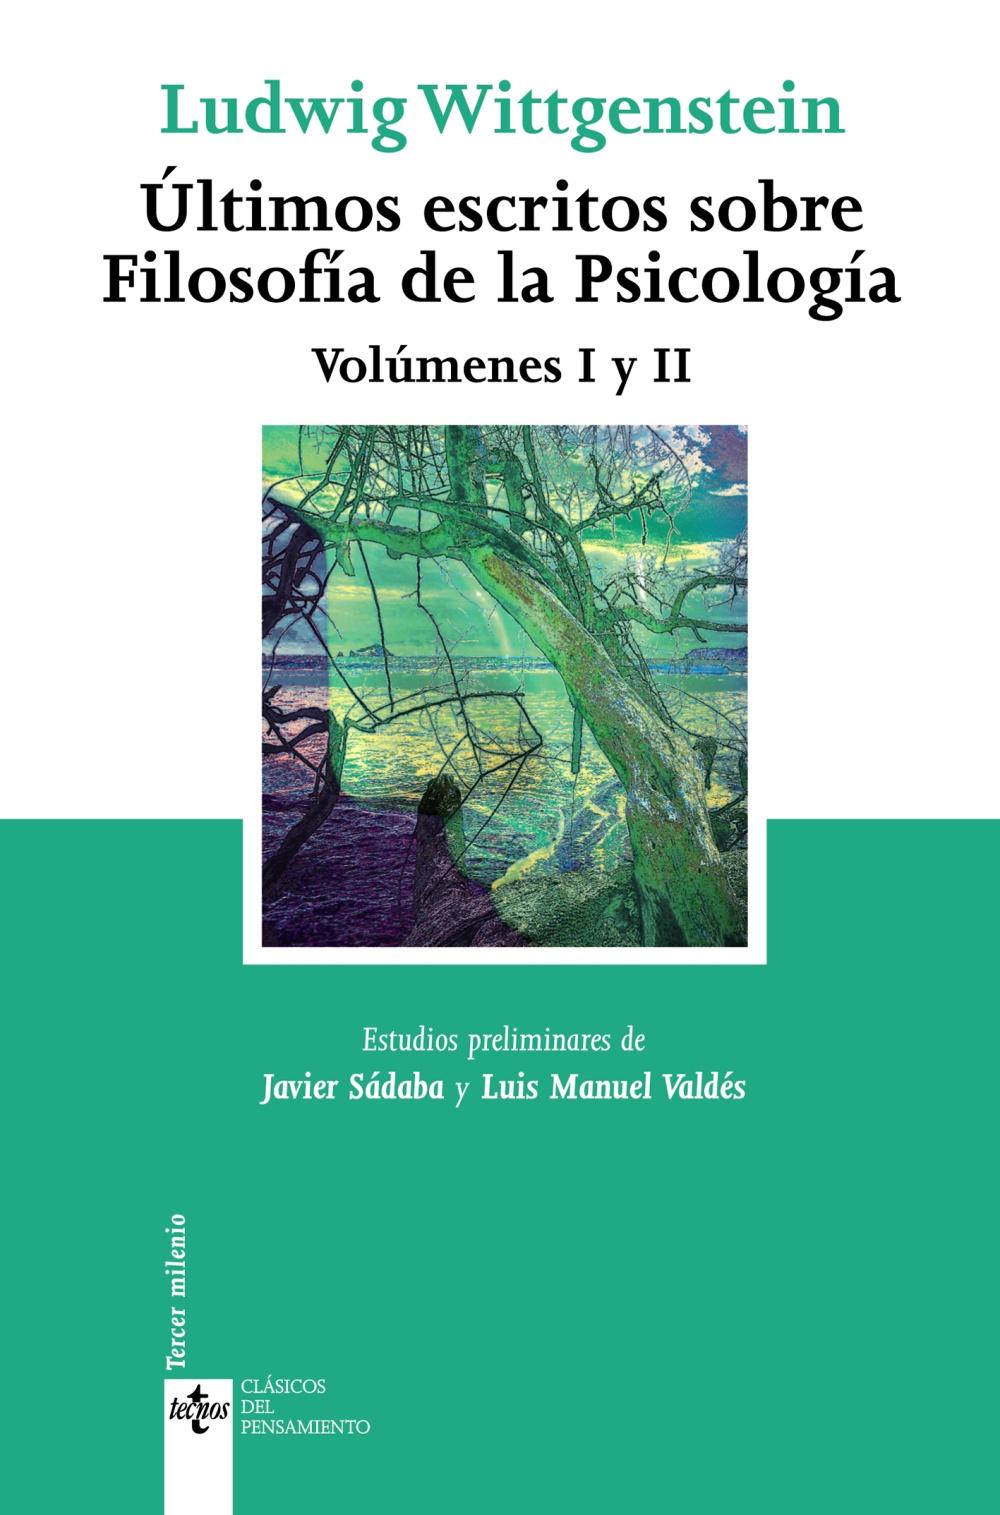 Ultimos Escritos Sobre Filosofia De La Psicologia ( Volumenes I Y Ii ) por Ludwig Wittgenstein epub